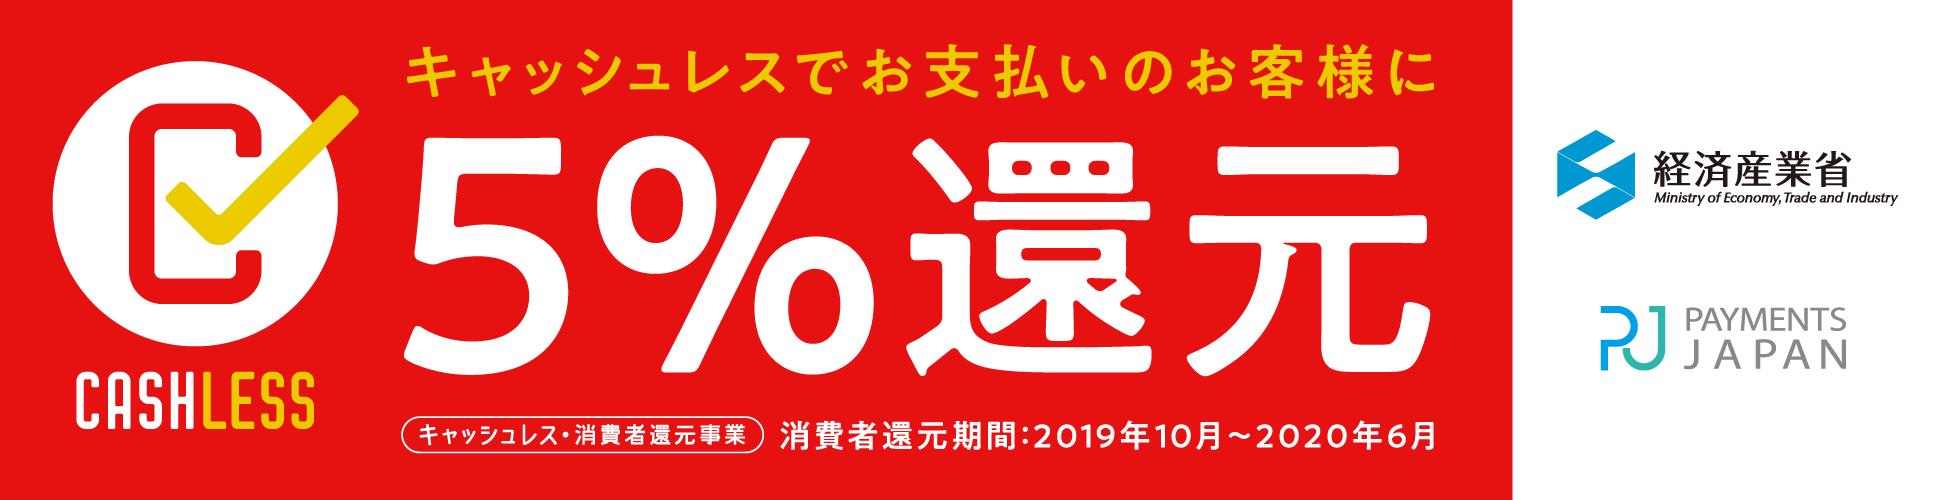 キャッシュレスでお支払いのお客様に5%還元(2019年10月〜2020年6月)